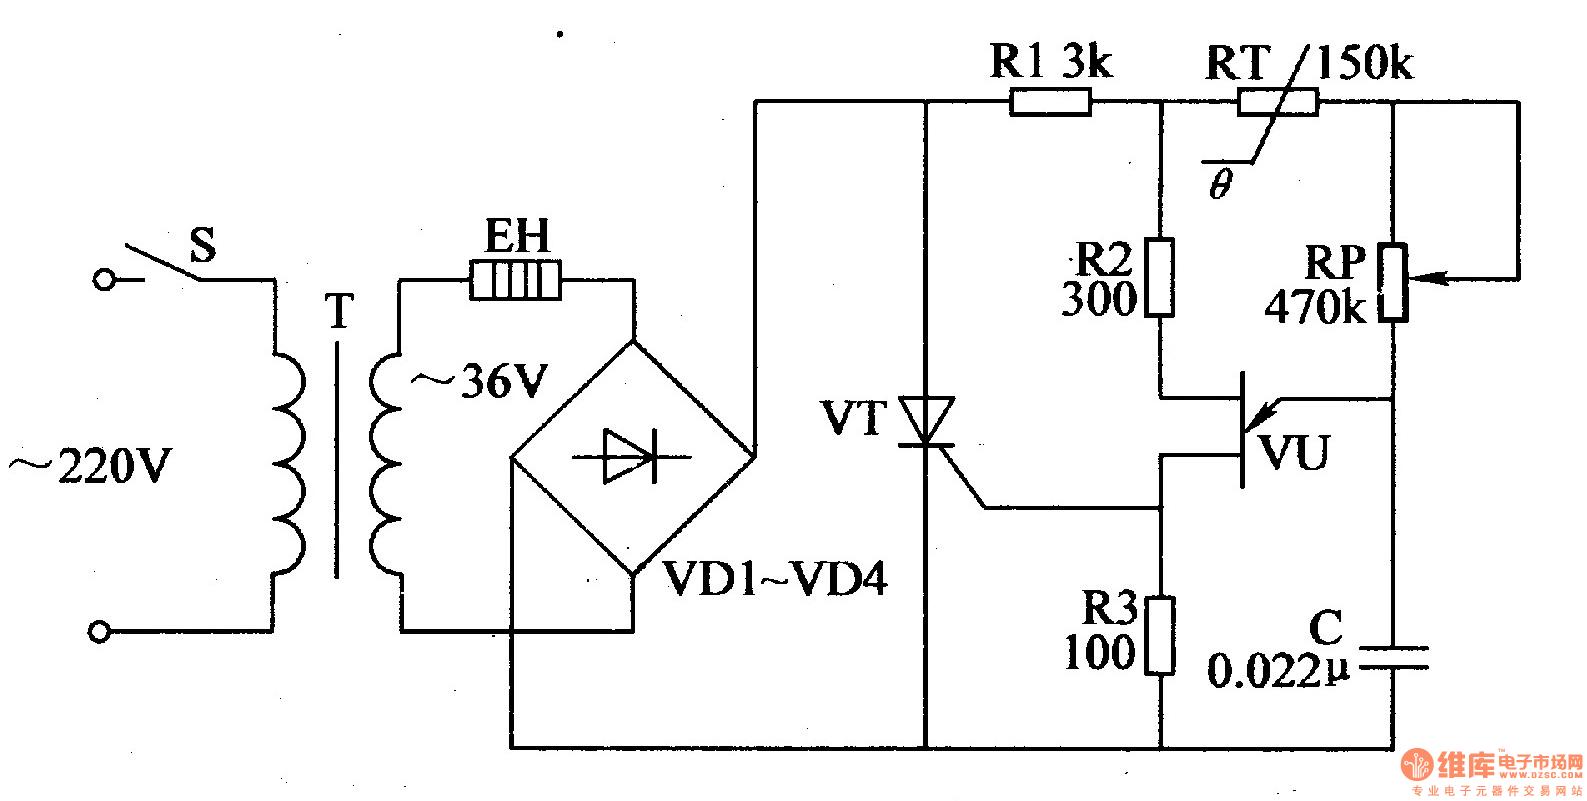 Temperature Controller Schematic